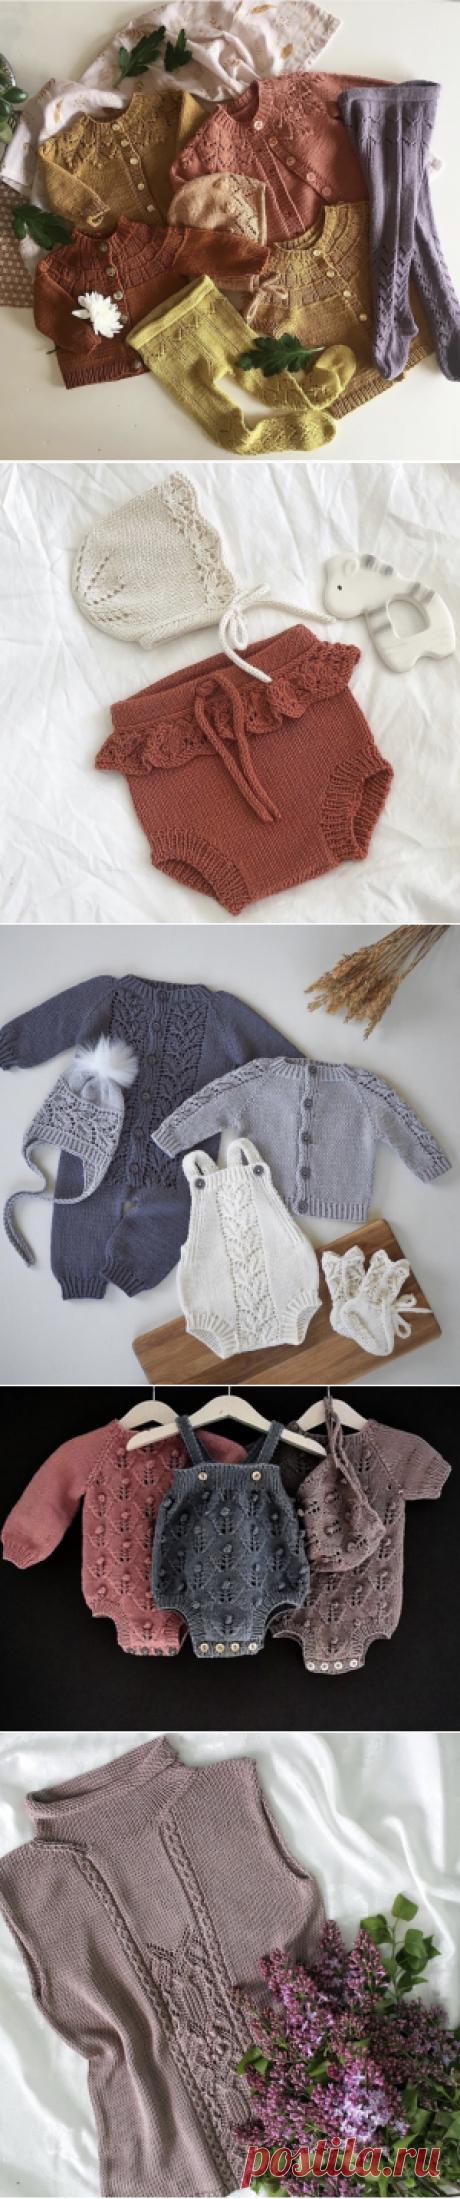 Вдохновляющая подборка вязаных моделей для малышей и мам | Журнал Ярмарки Мастеров